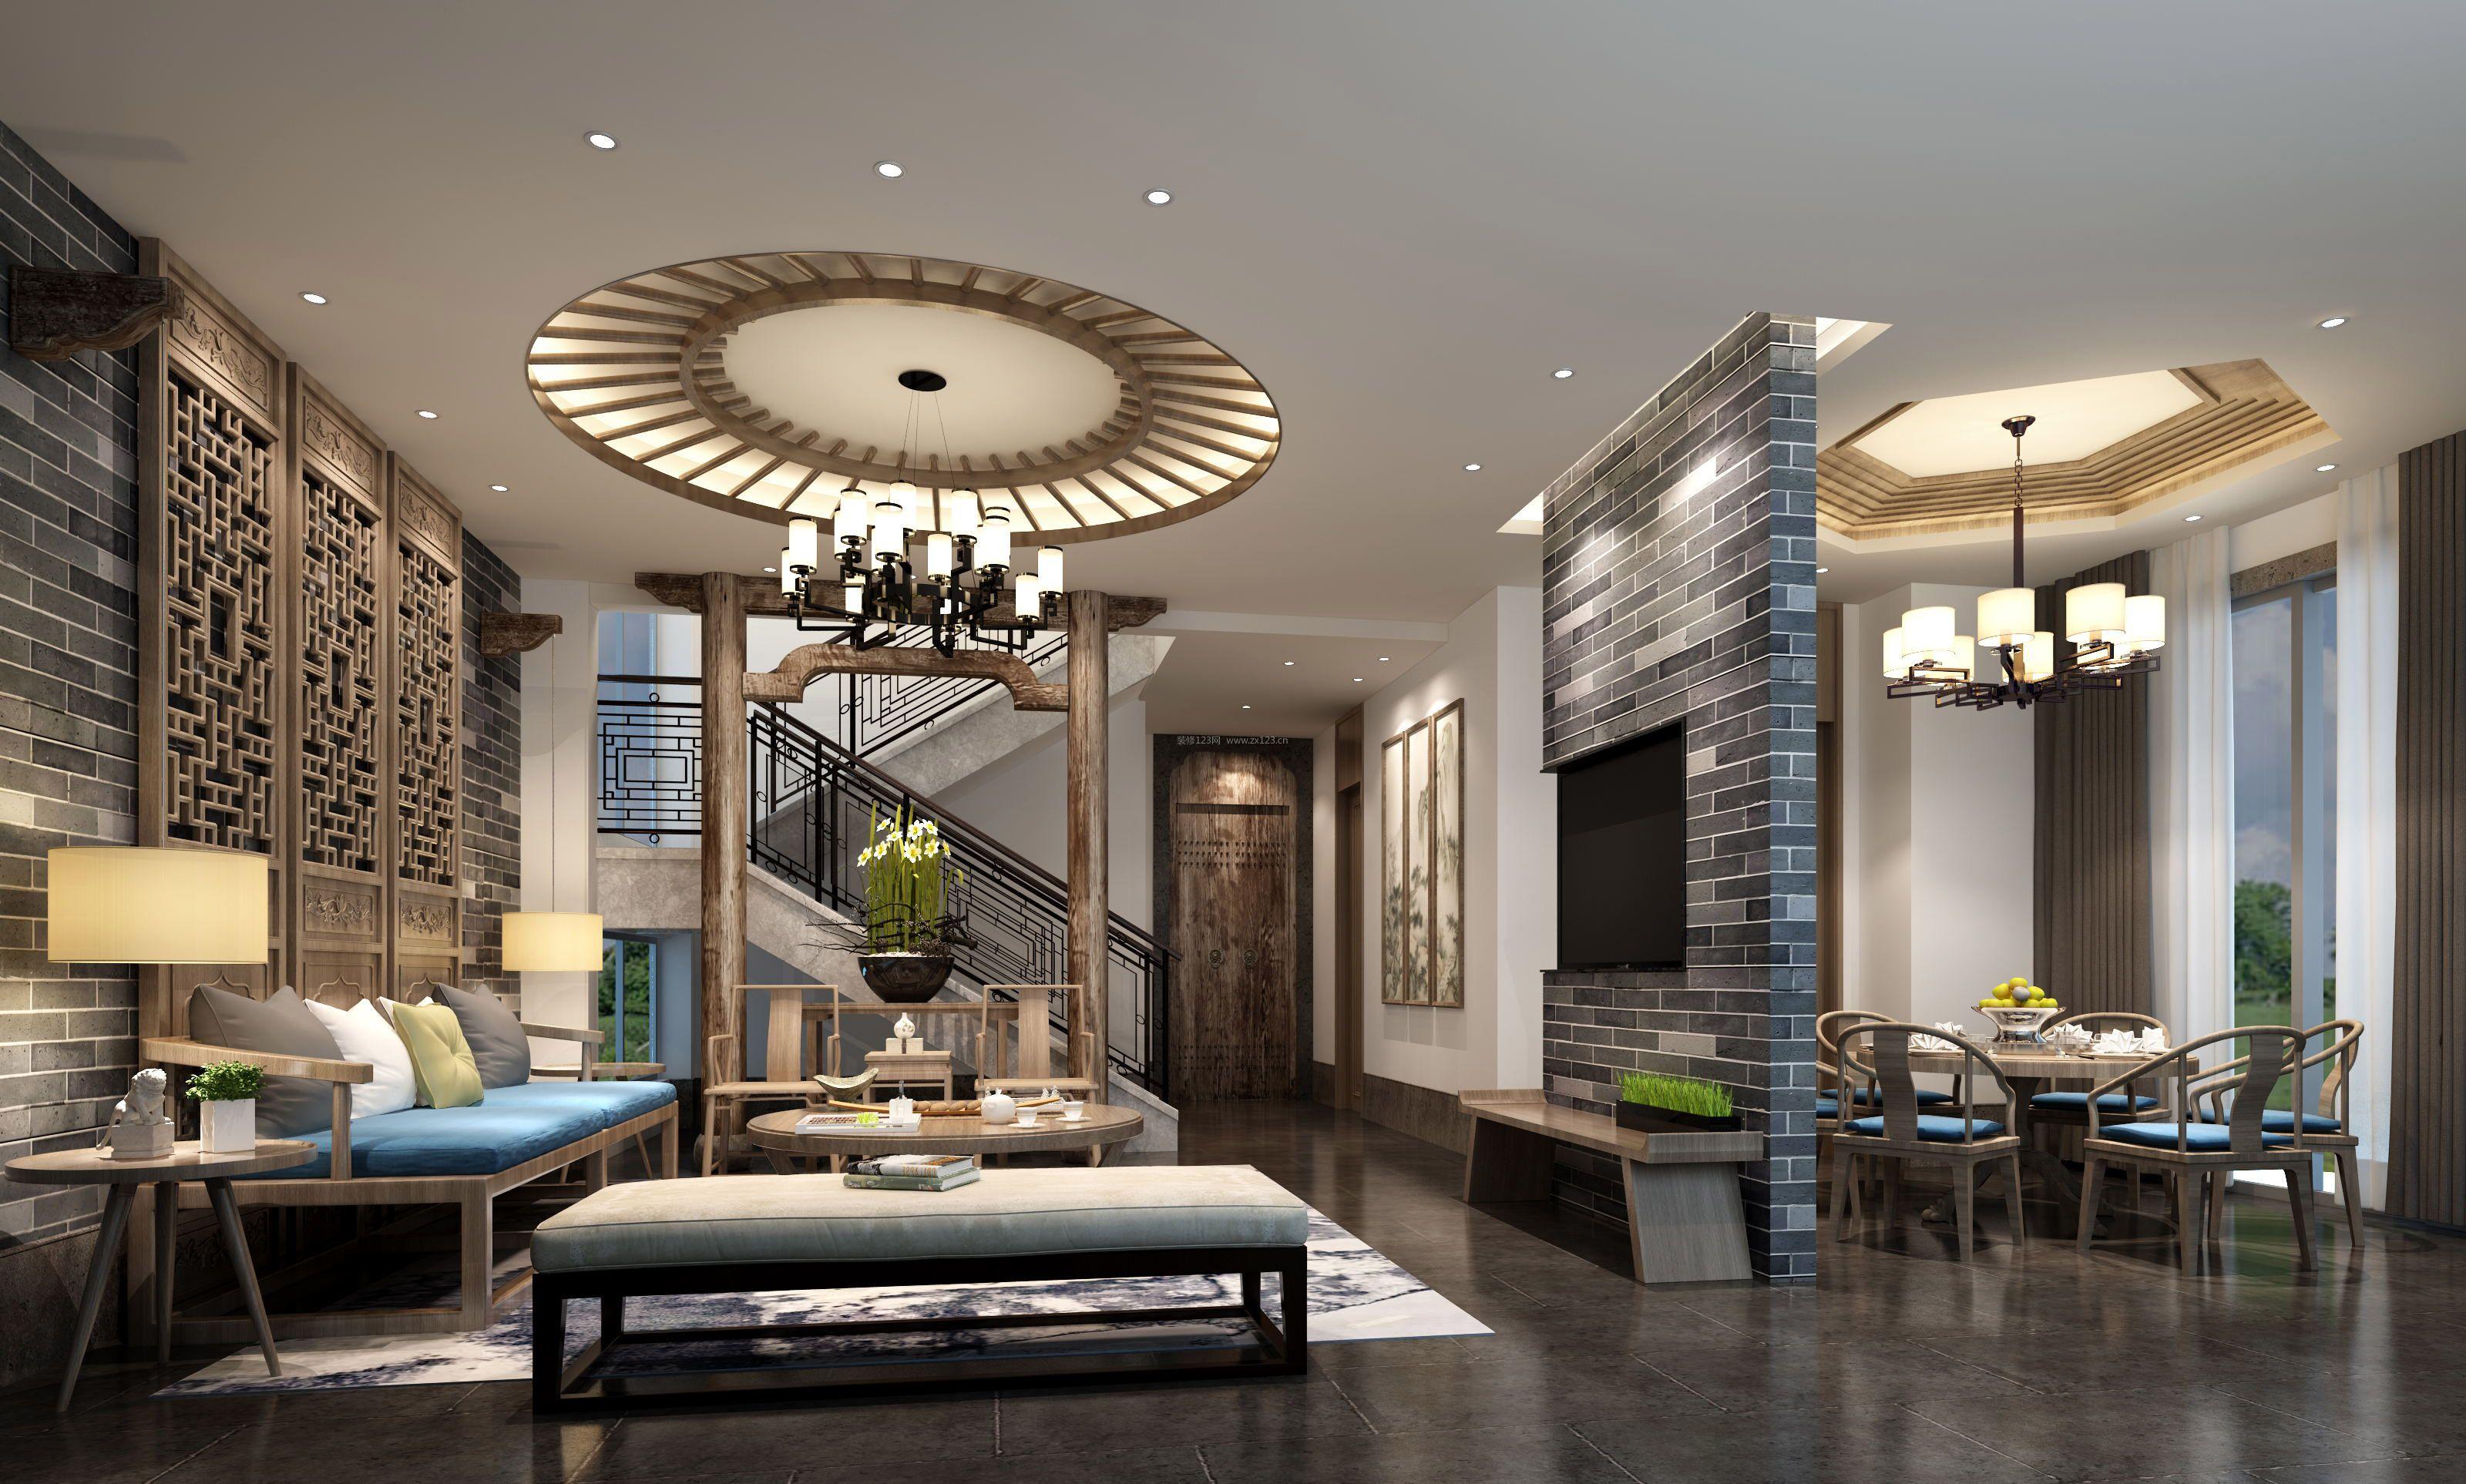 家装效果图 中式 现代中式别墅客厅吊顶样式设计效果图 提供者:   ←图片